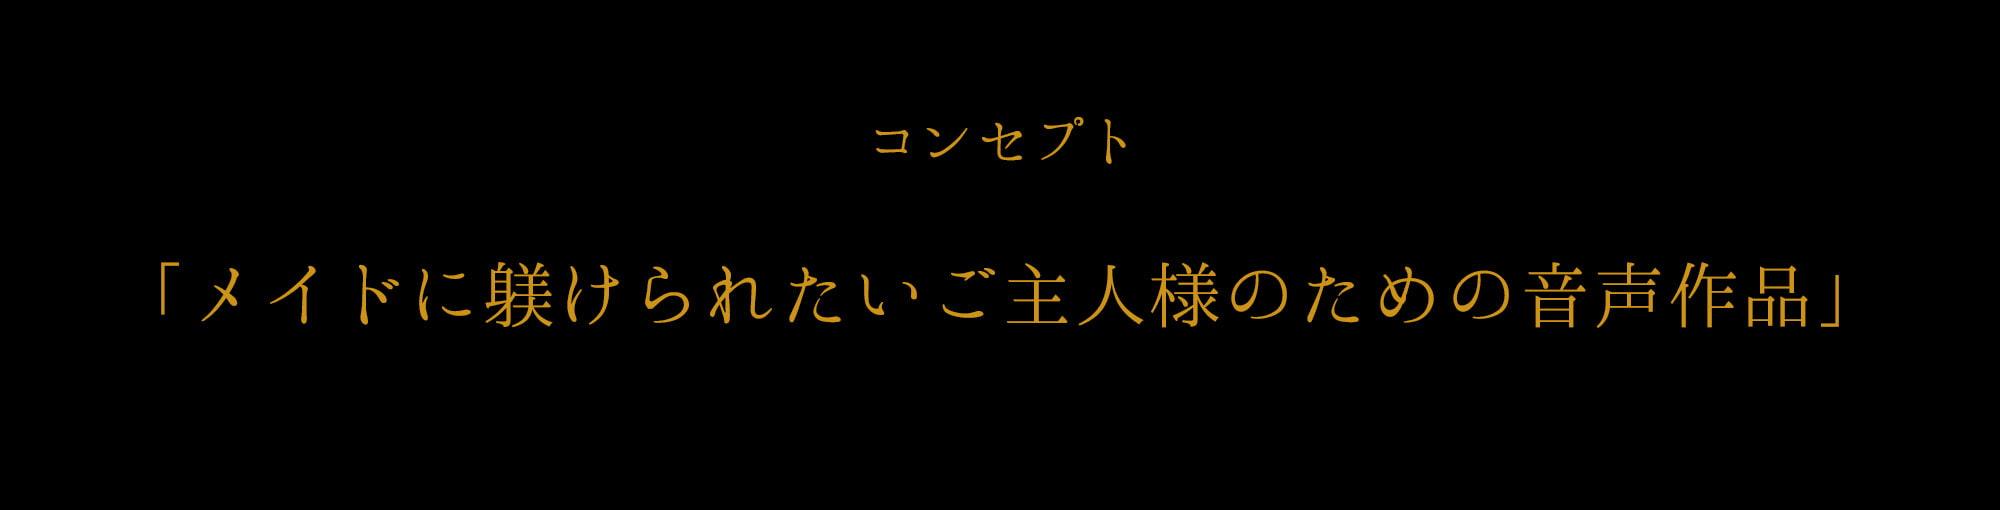 オーダーメイド ‐調教M男様いじめ館- [深夜工房]